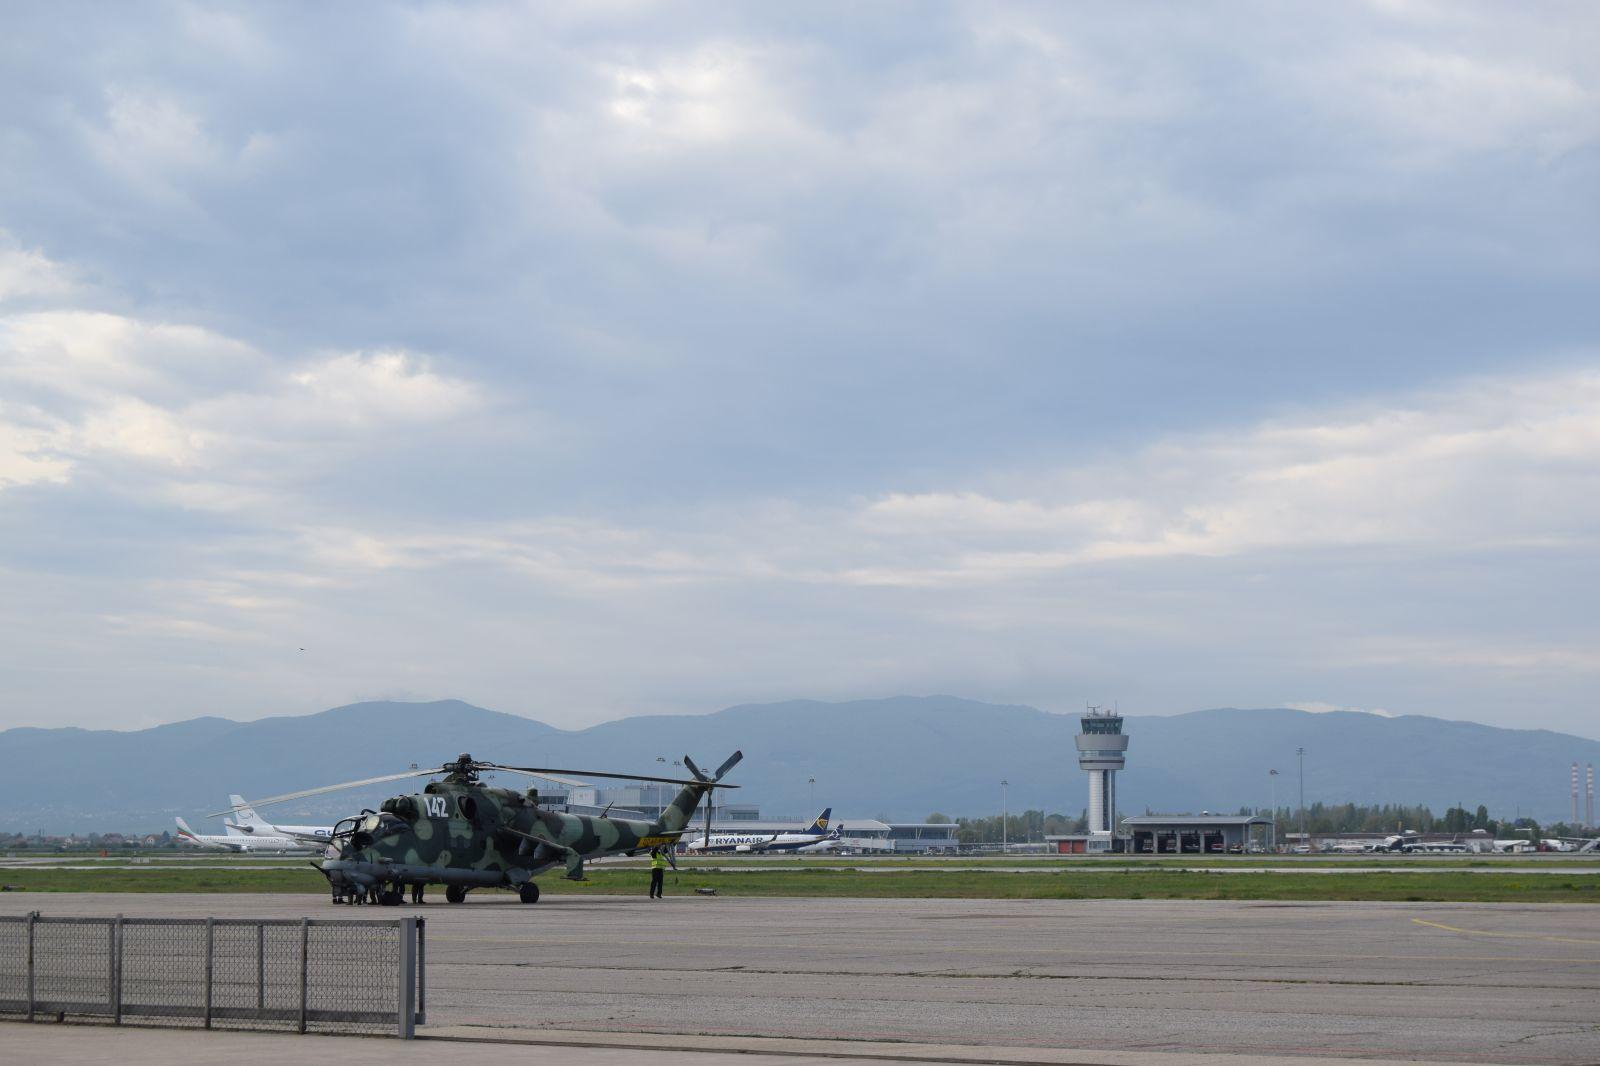 Къде зимуват раците - несресани наблюдения и мисли за вертолетите, участващи във въздушните демонстрации за 6 май (ГОЛЯМА ЕКСКЛУЗИВНА ГАЛЕРИЯ)